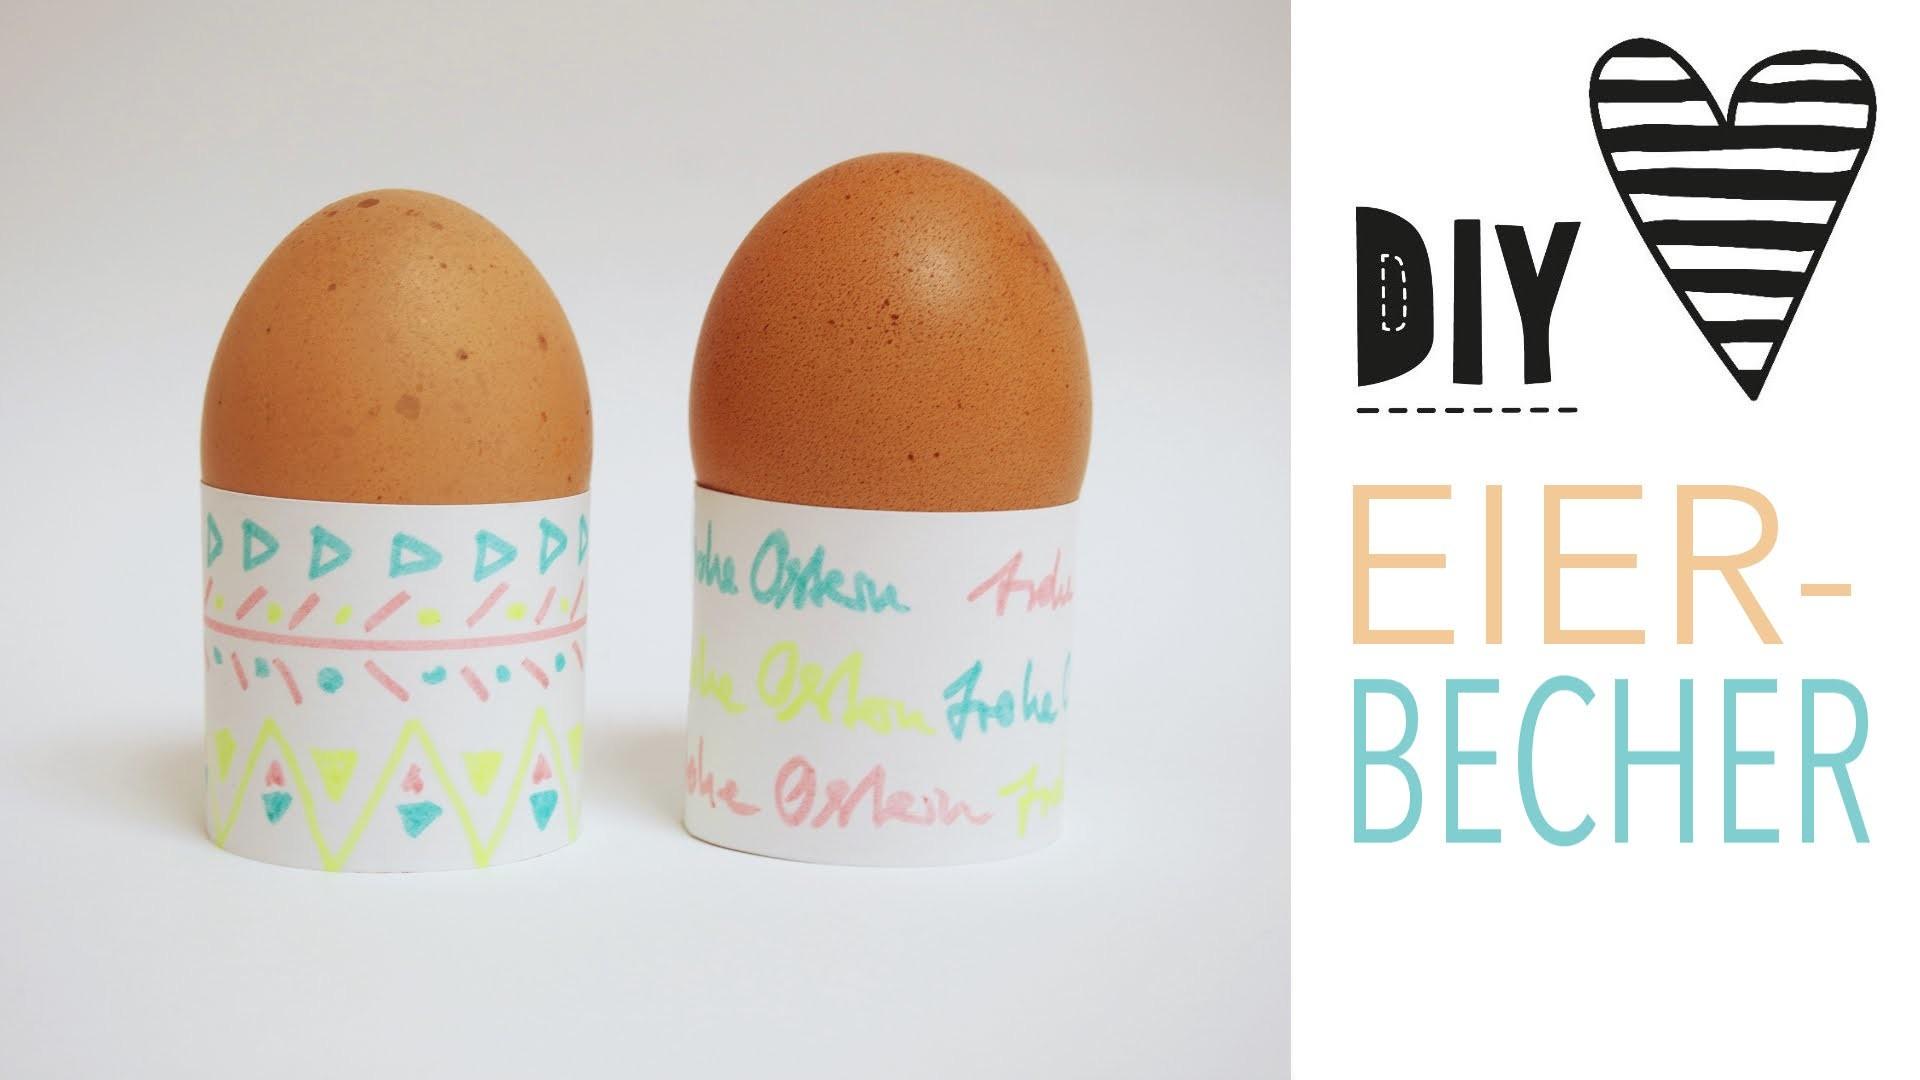 Diy einfache eierbecher basteln 100 ideen f r ostern - Eierbecher selber basteln ...